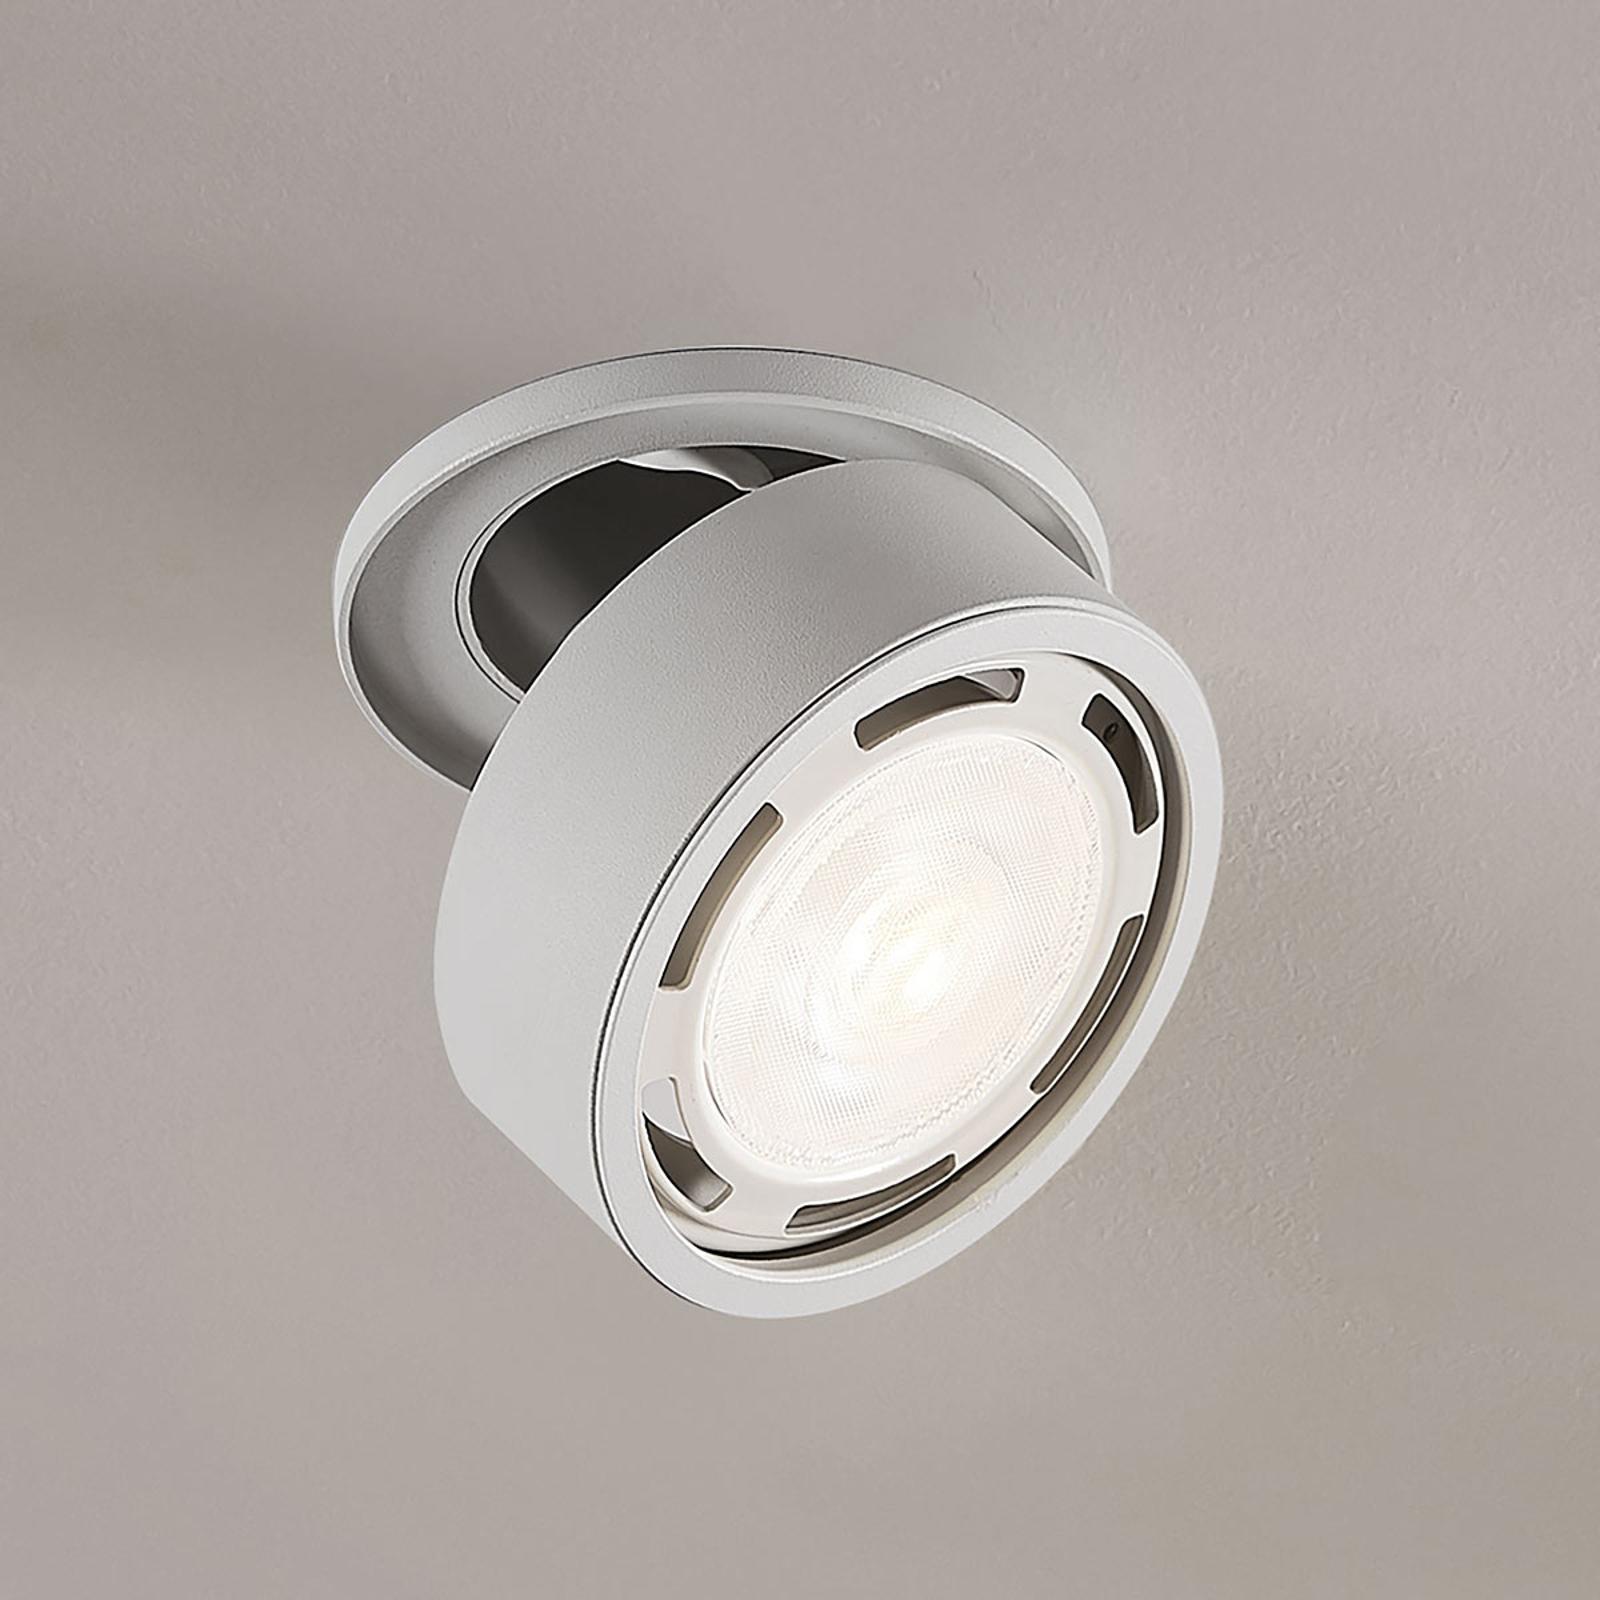 LED-Strahler Dafina, GU10 dimmbar, weiß